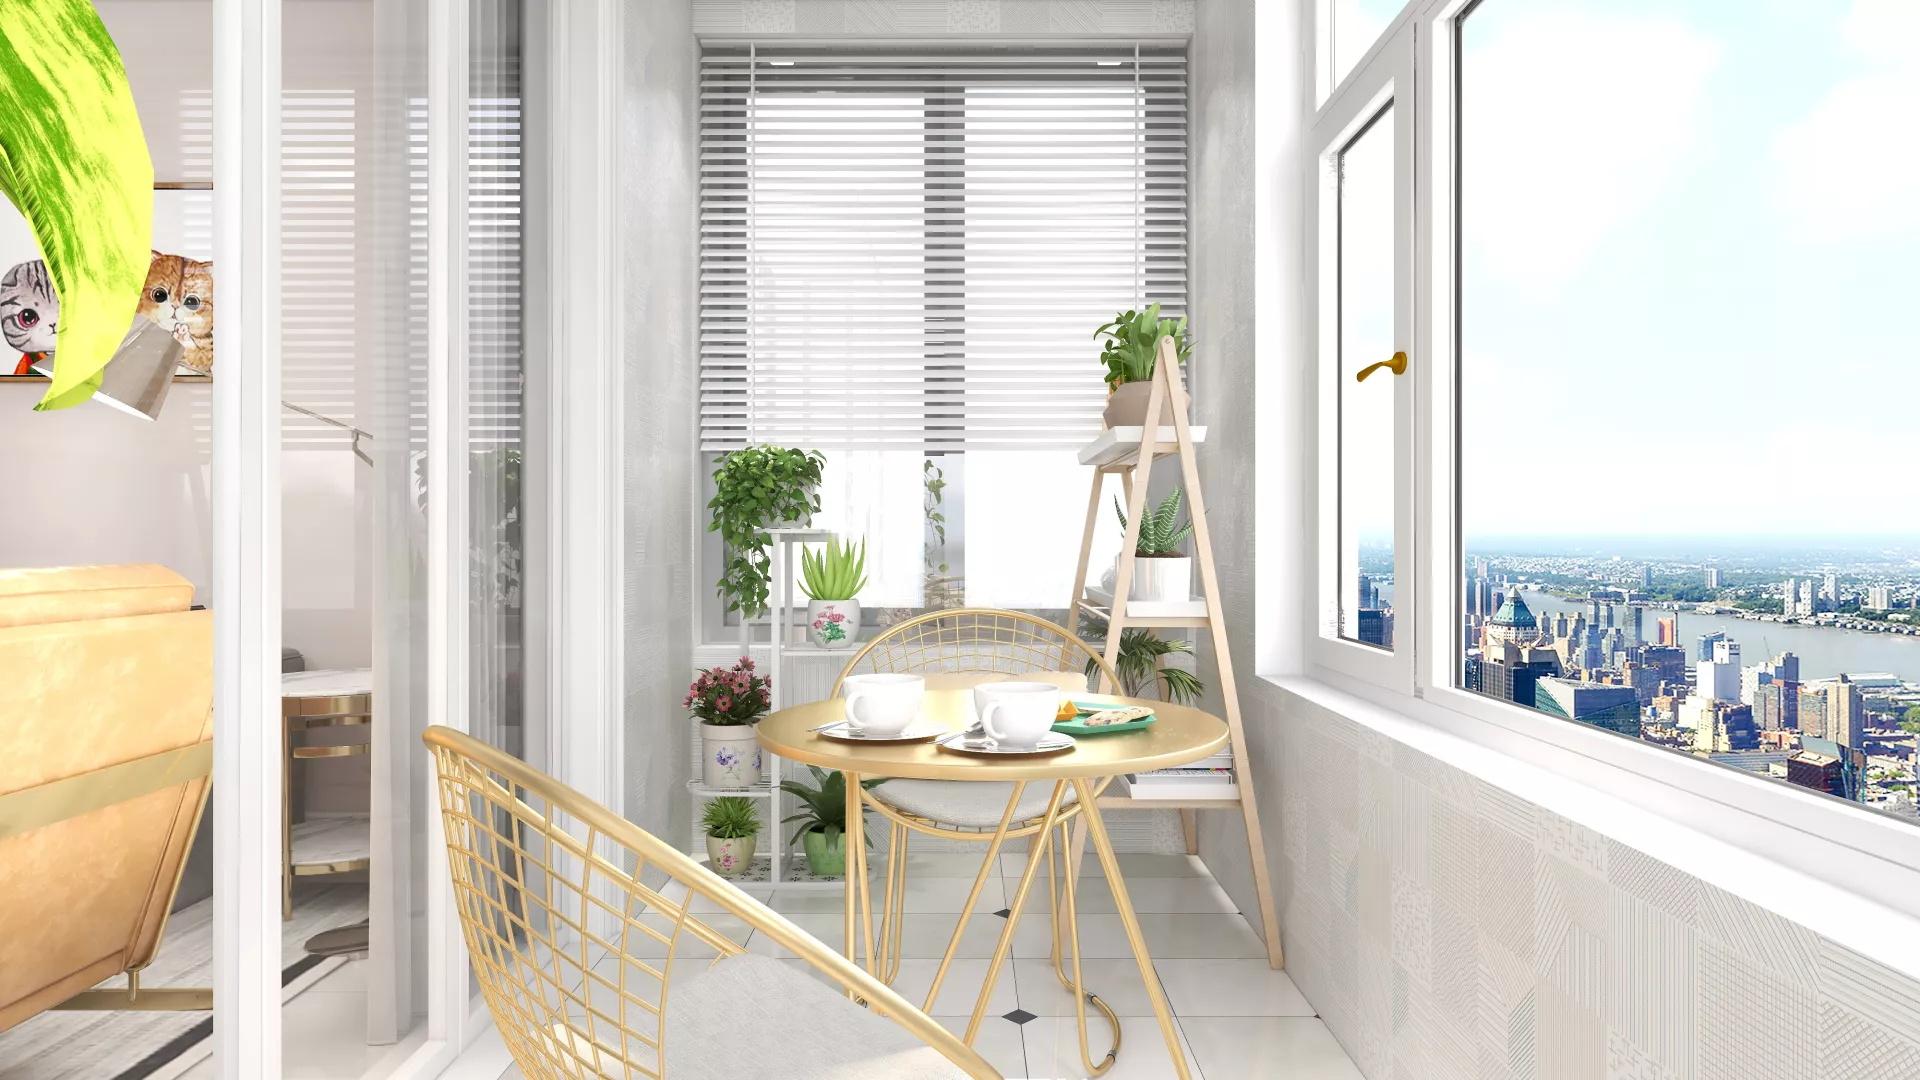 家居風水注意事項 窗戶朝向風水禁忌